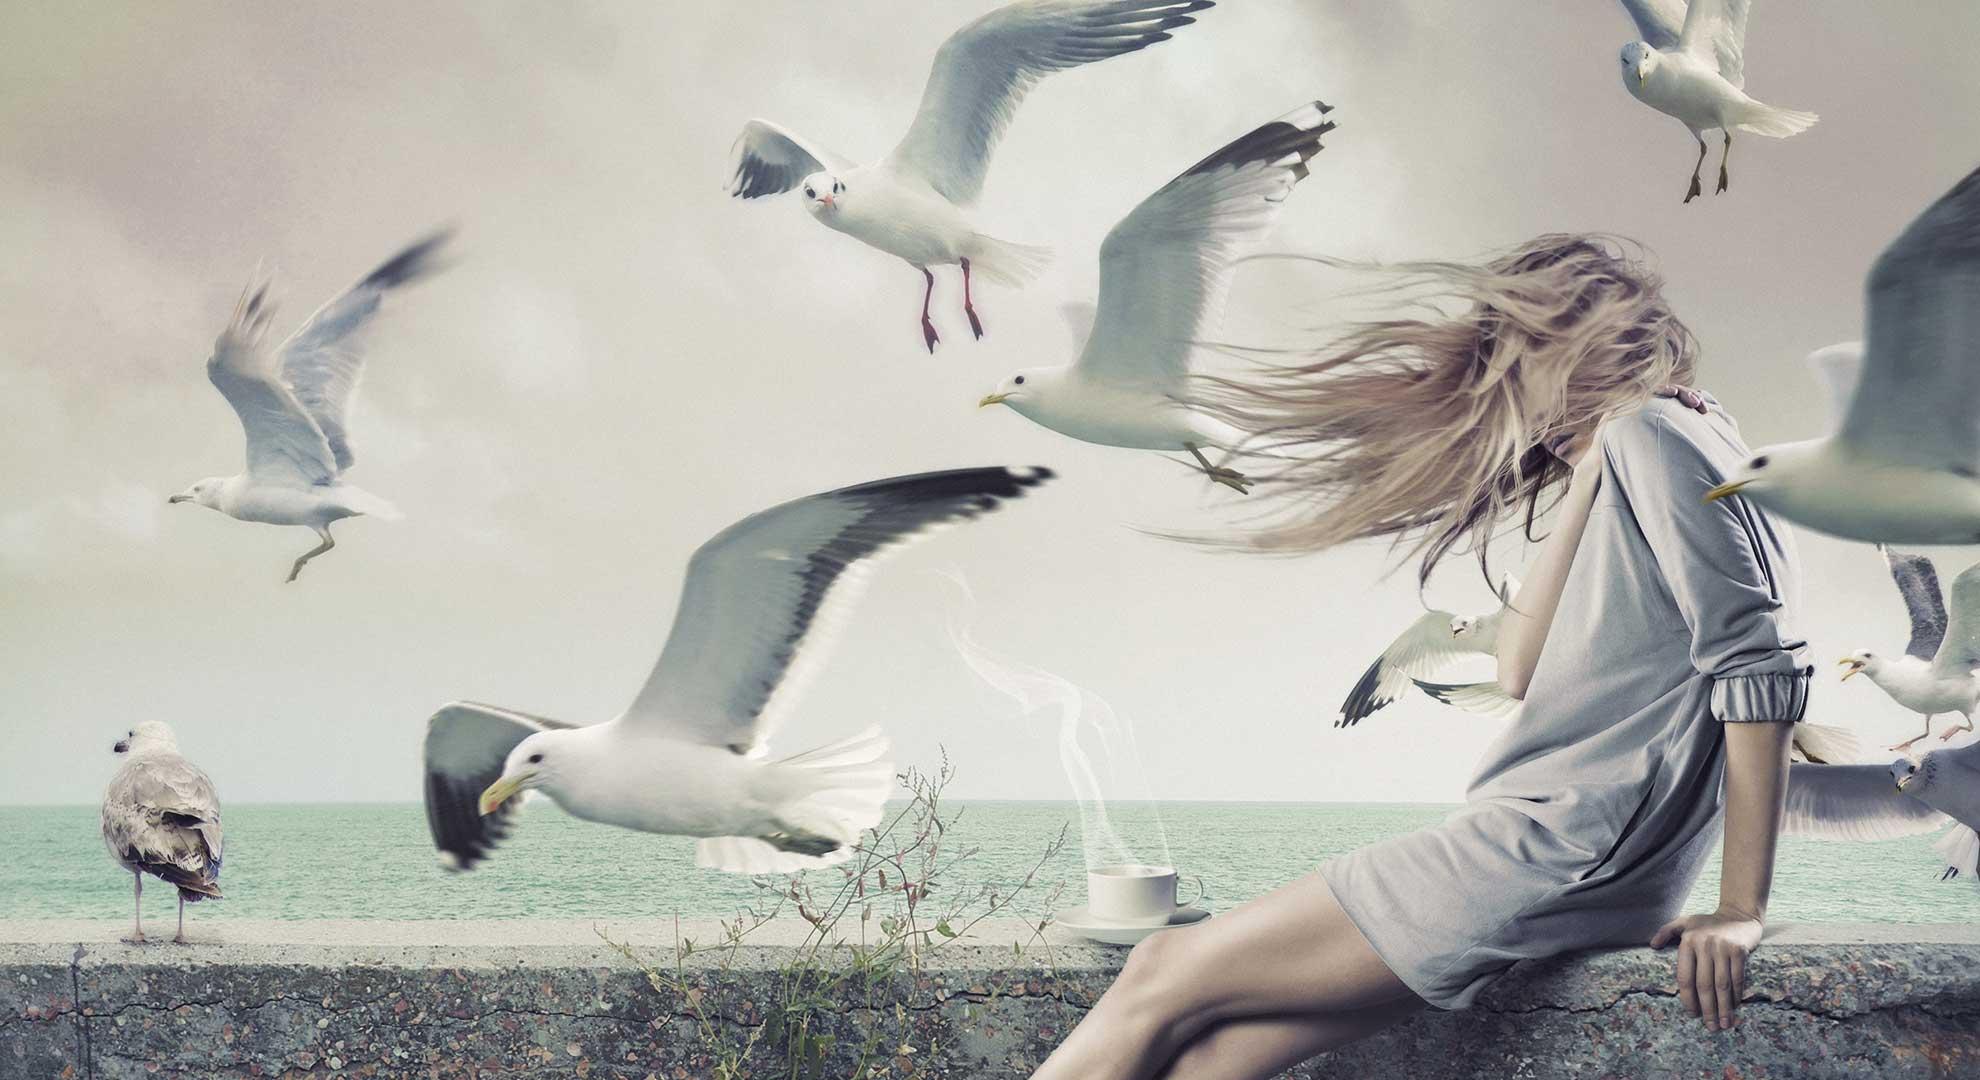 ваше я без тебя как птица без крыла картинки можно разместить чердаке